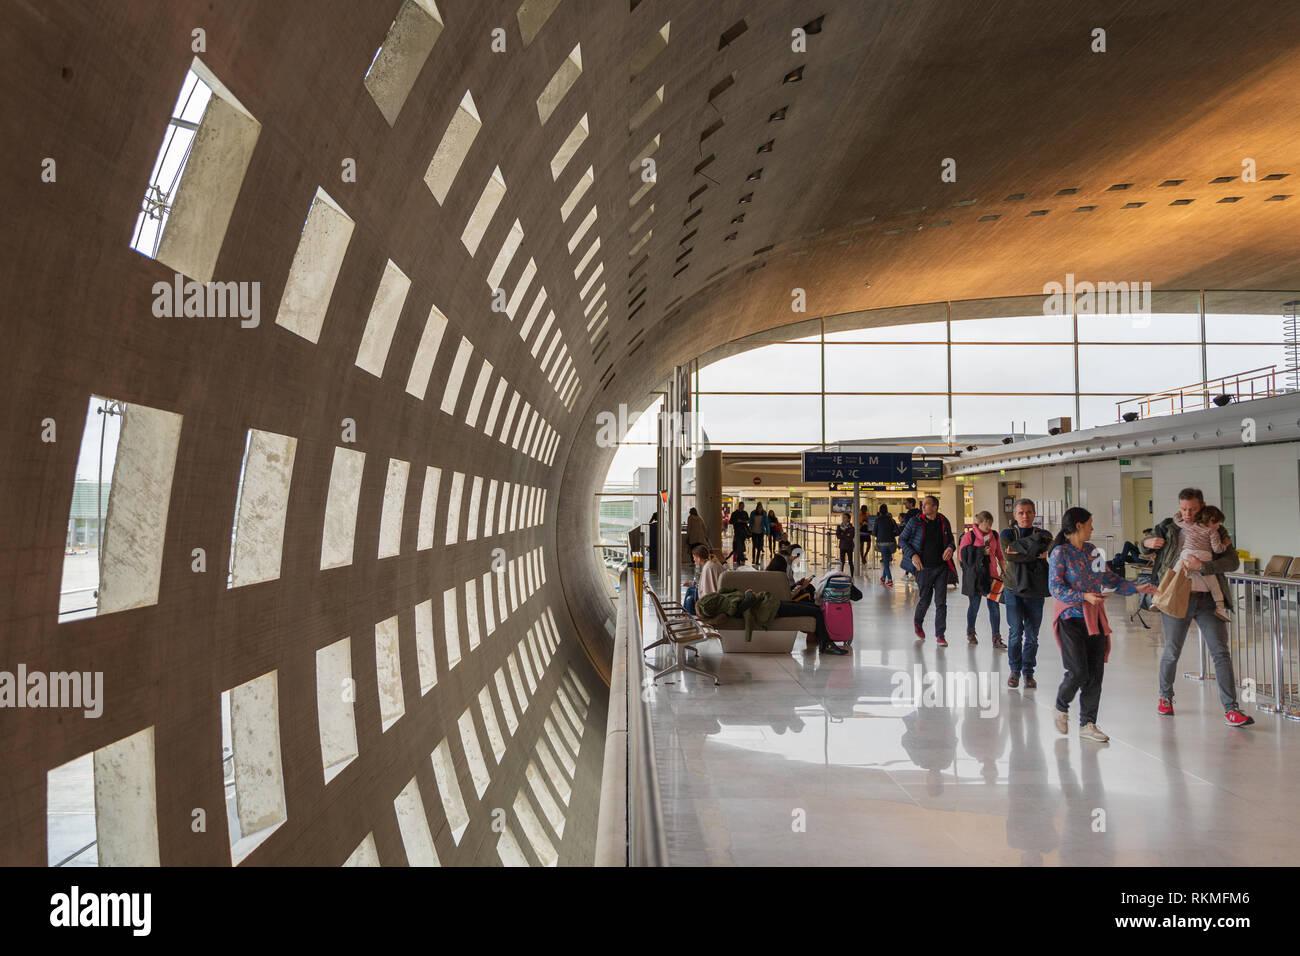 Architecte Interieur Paris 18 l'aéroport cdg, paris - 12/22/18 : intérieur de terminal 2f